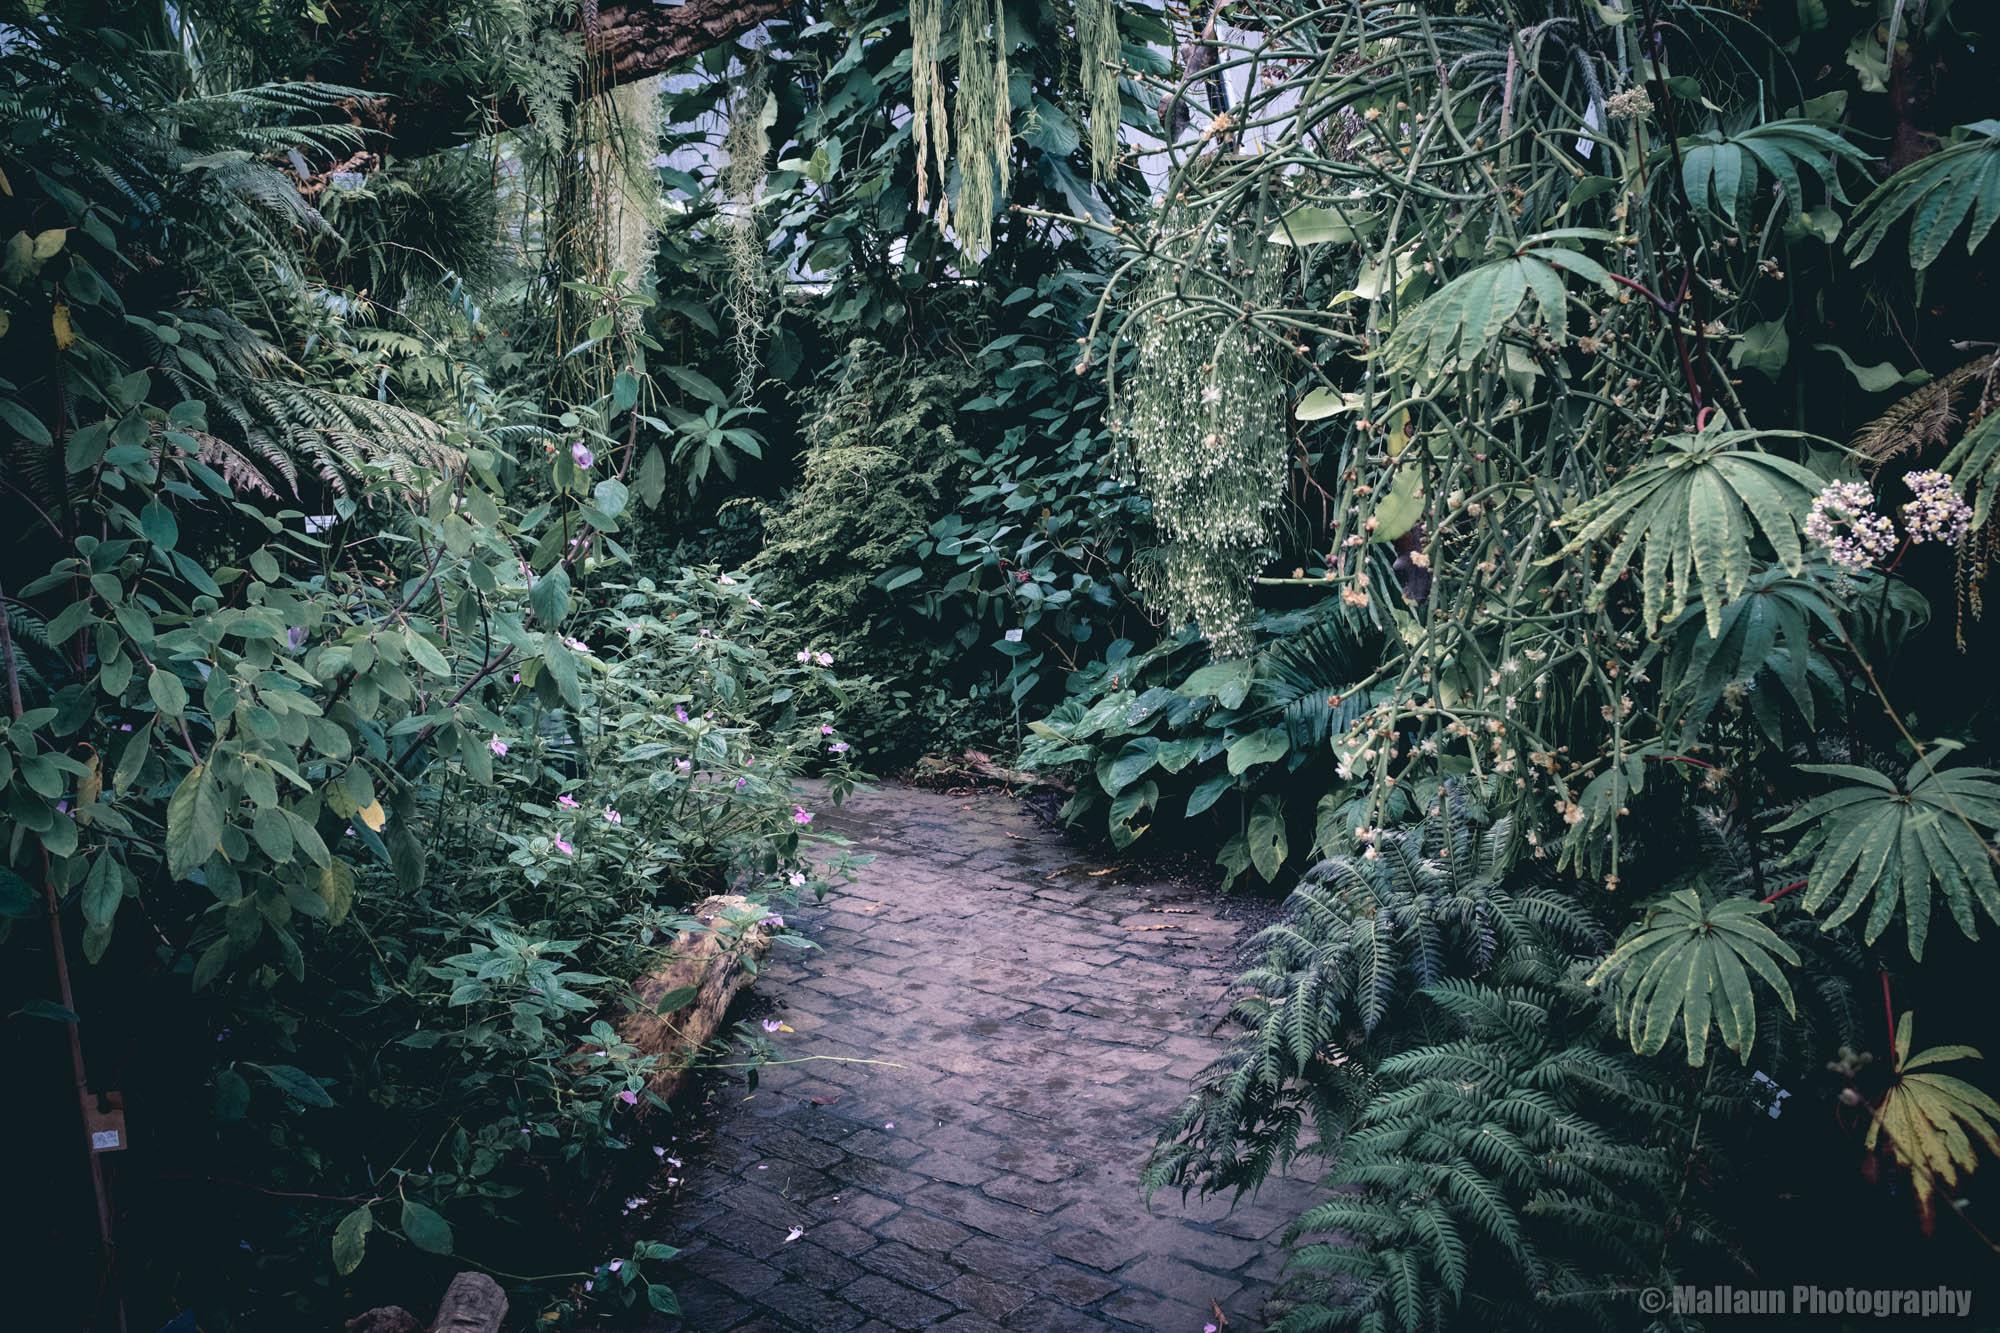 Botanischer Garten Zürich mit der Fuji X100F © Mallaun Photography